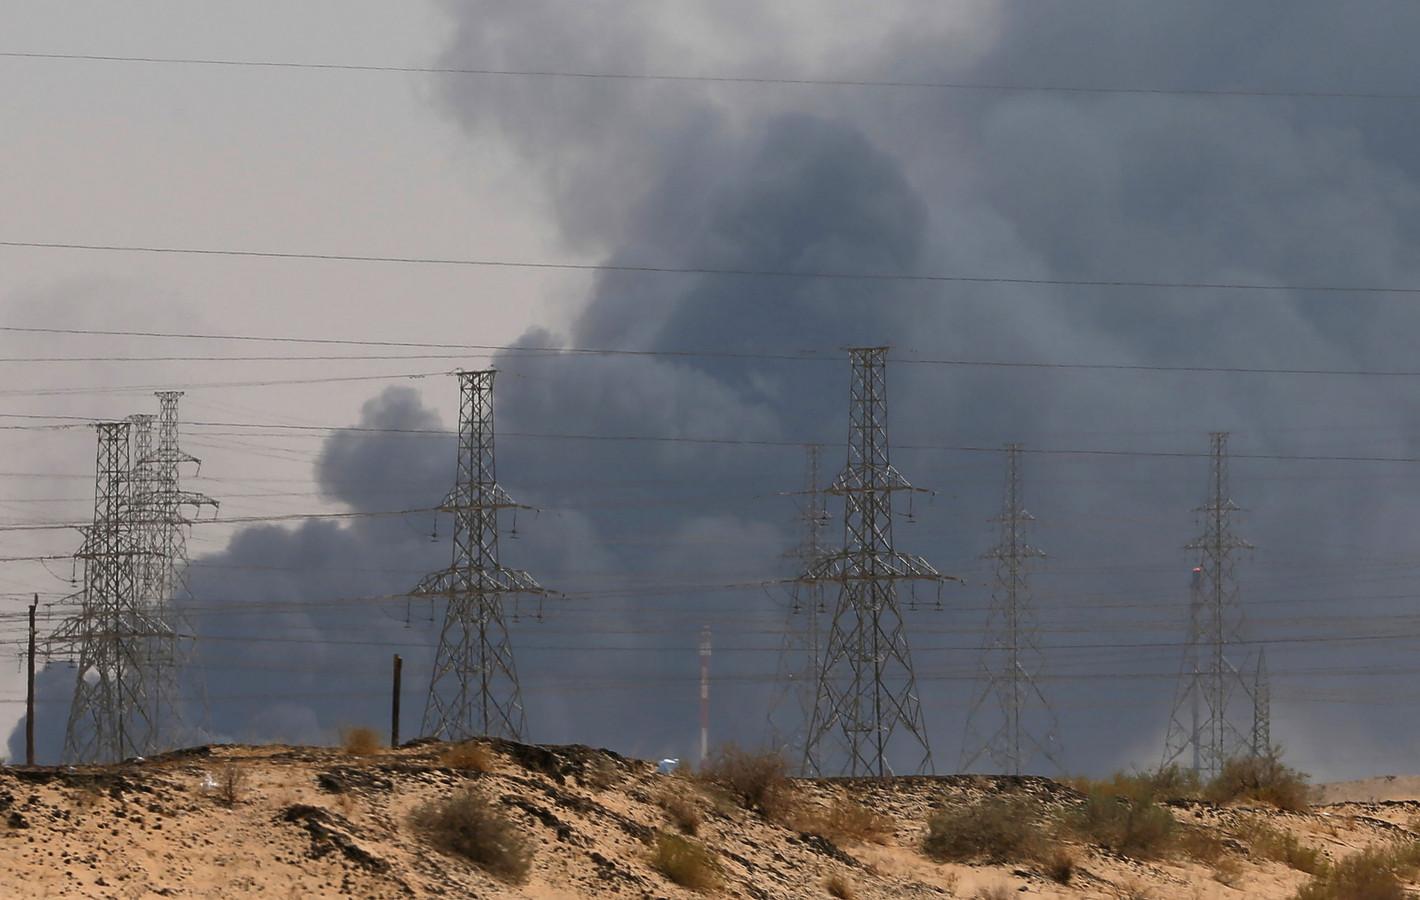 Na de aanval stegen dikke rookpluimen op vanop de olie-installaties.